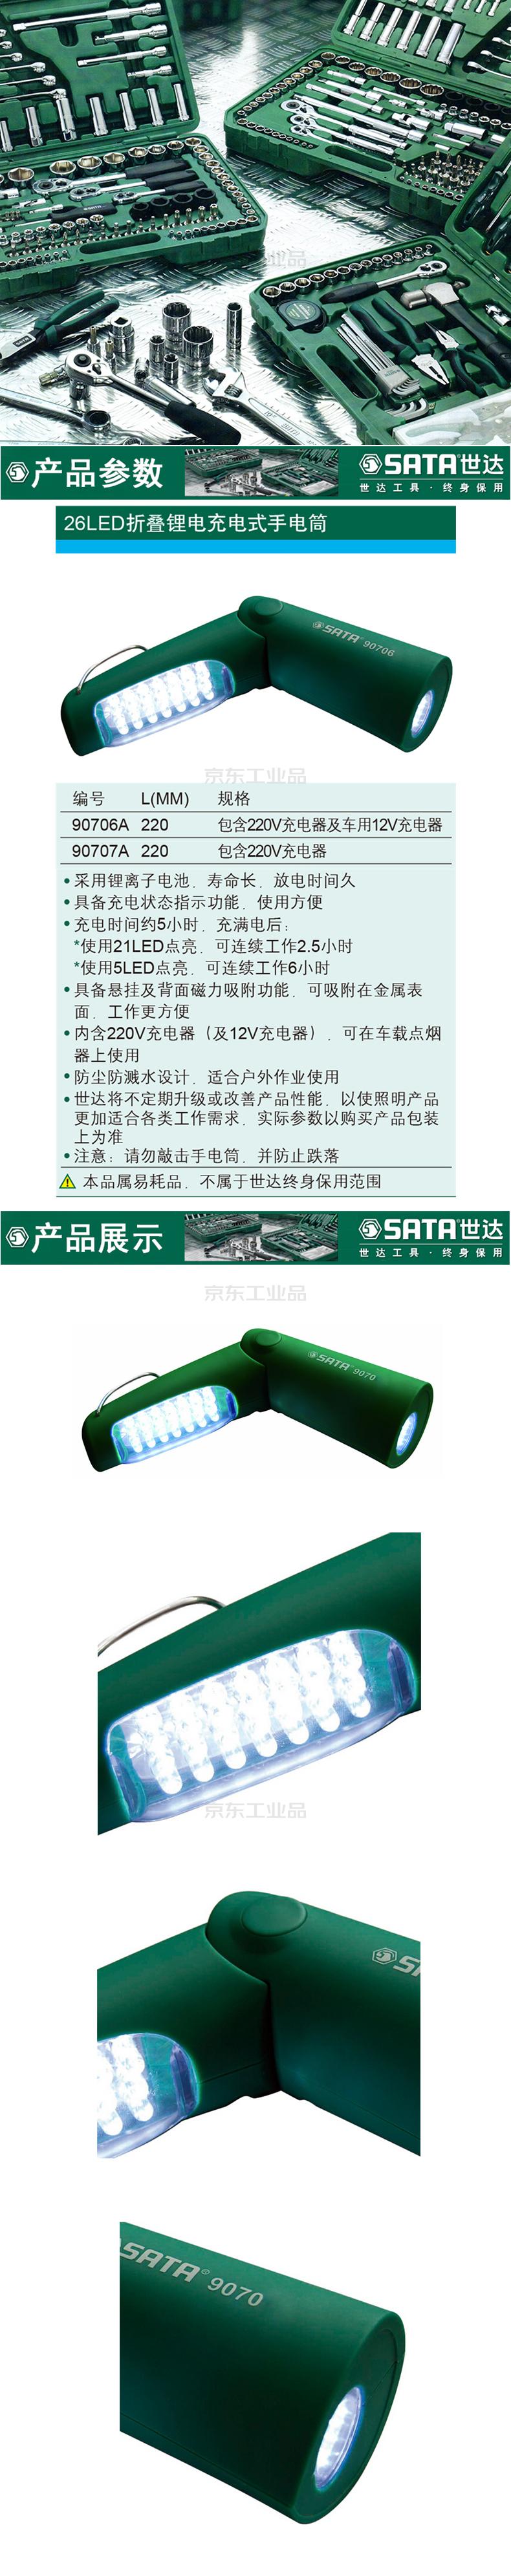 世达 26LED折叠锂电充电式手电筒;90707A